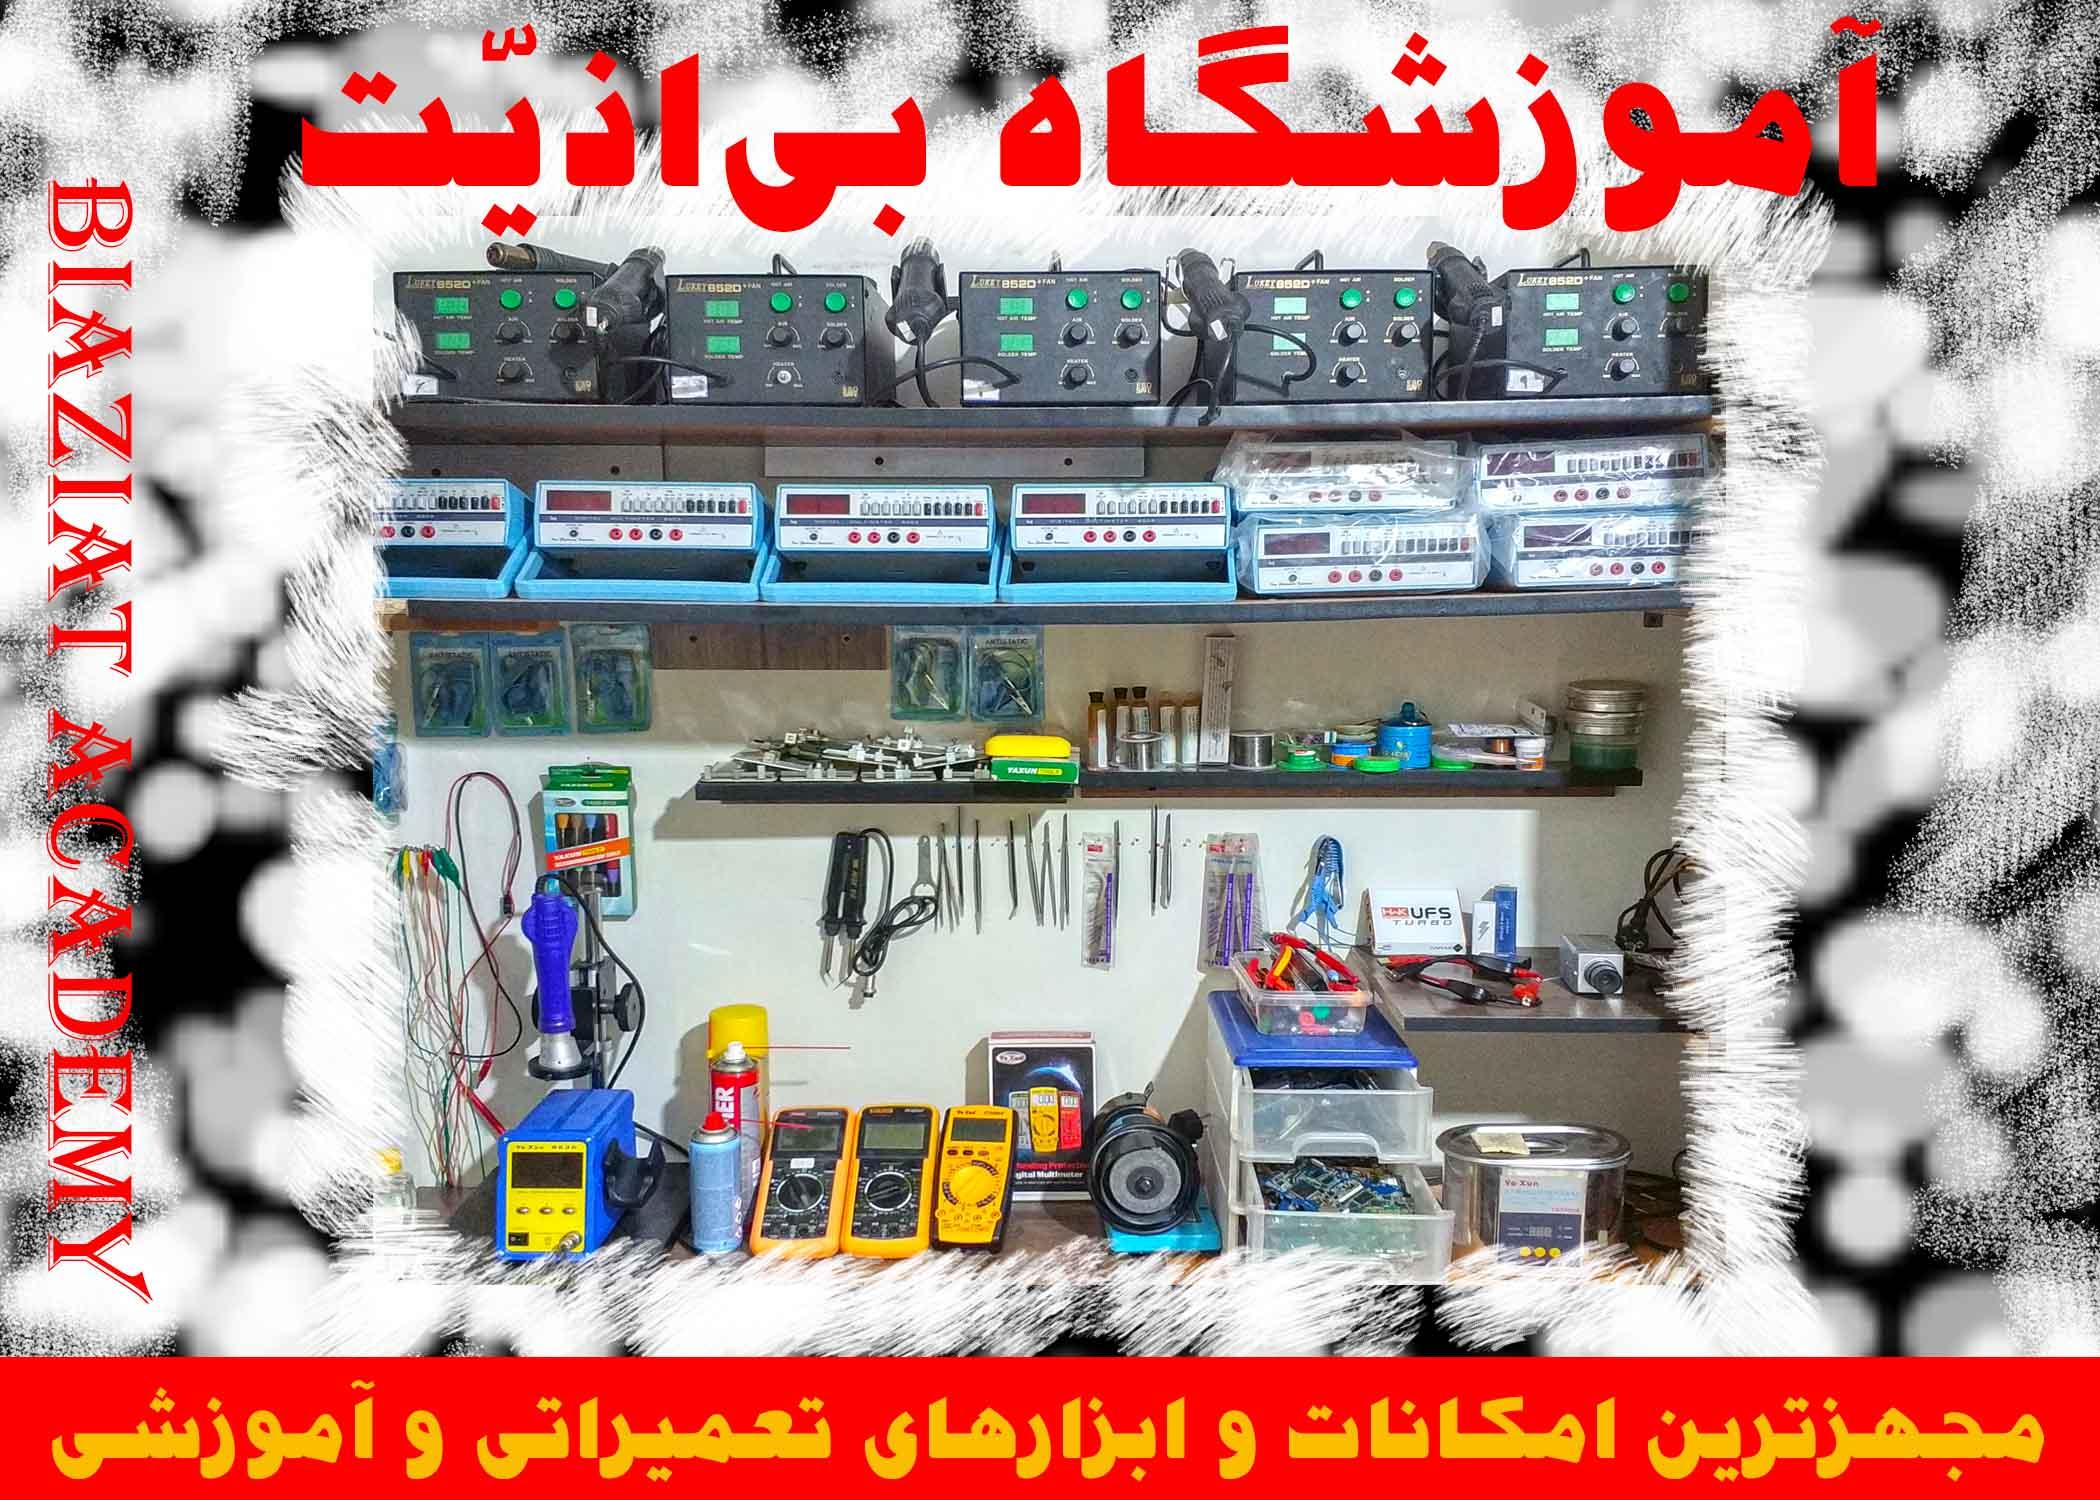 ابزارهای تخصصی تعمیرات و آموزش تعمیرات موبایل آموزشگاه بیاذیّت